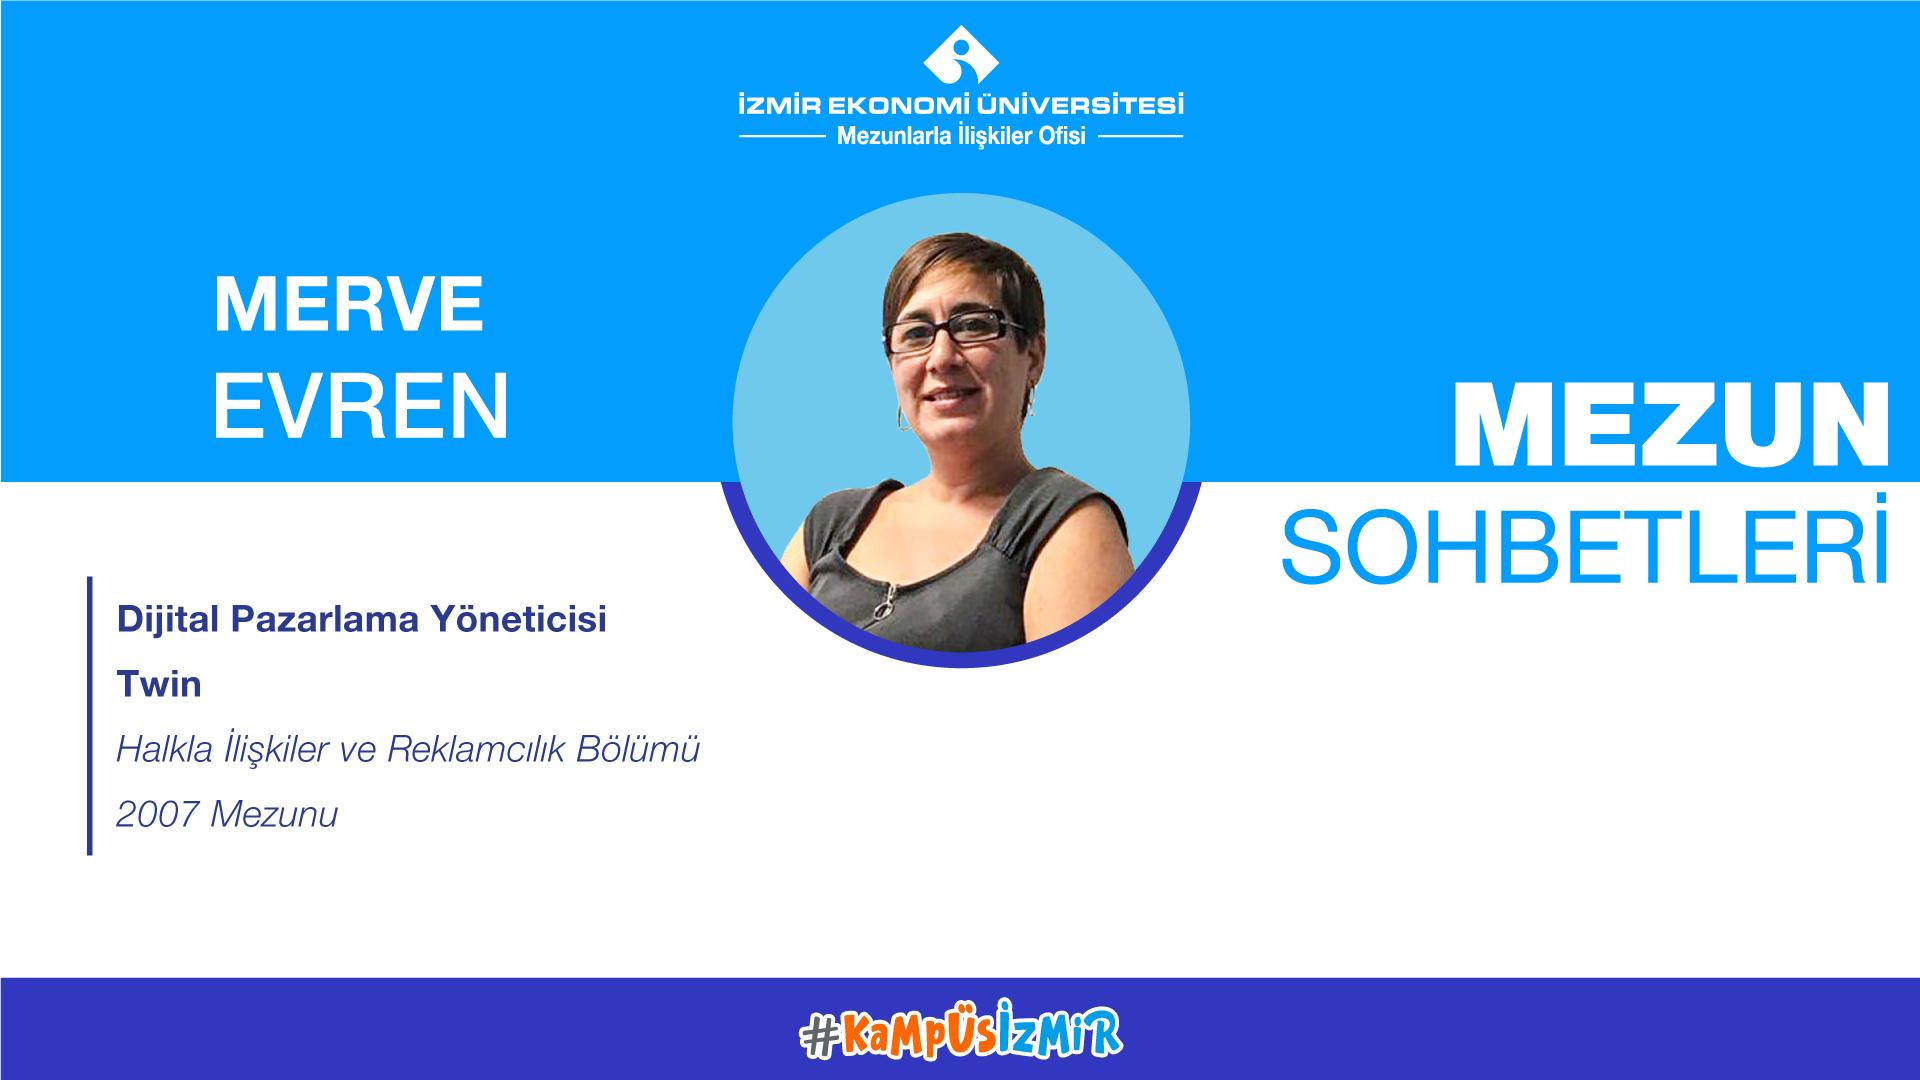 Online alumni chats-Merve Evren